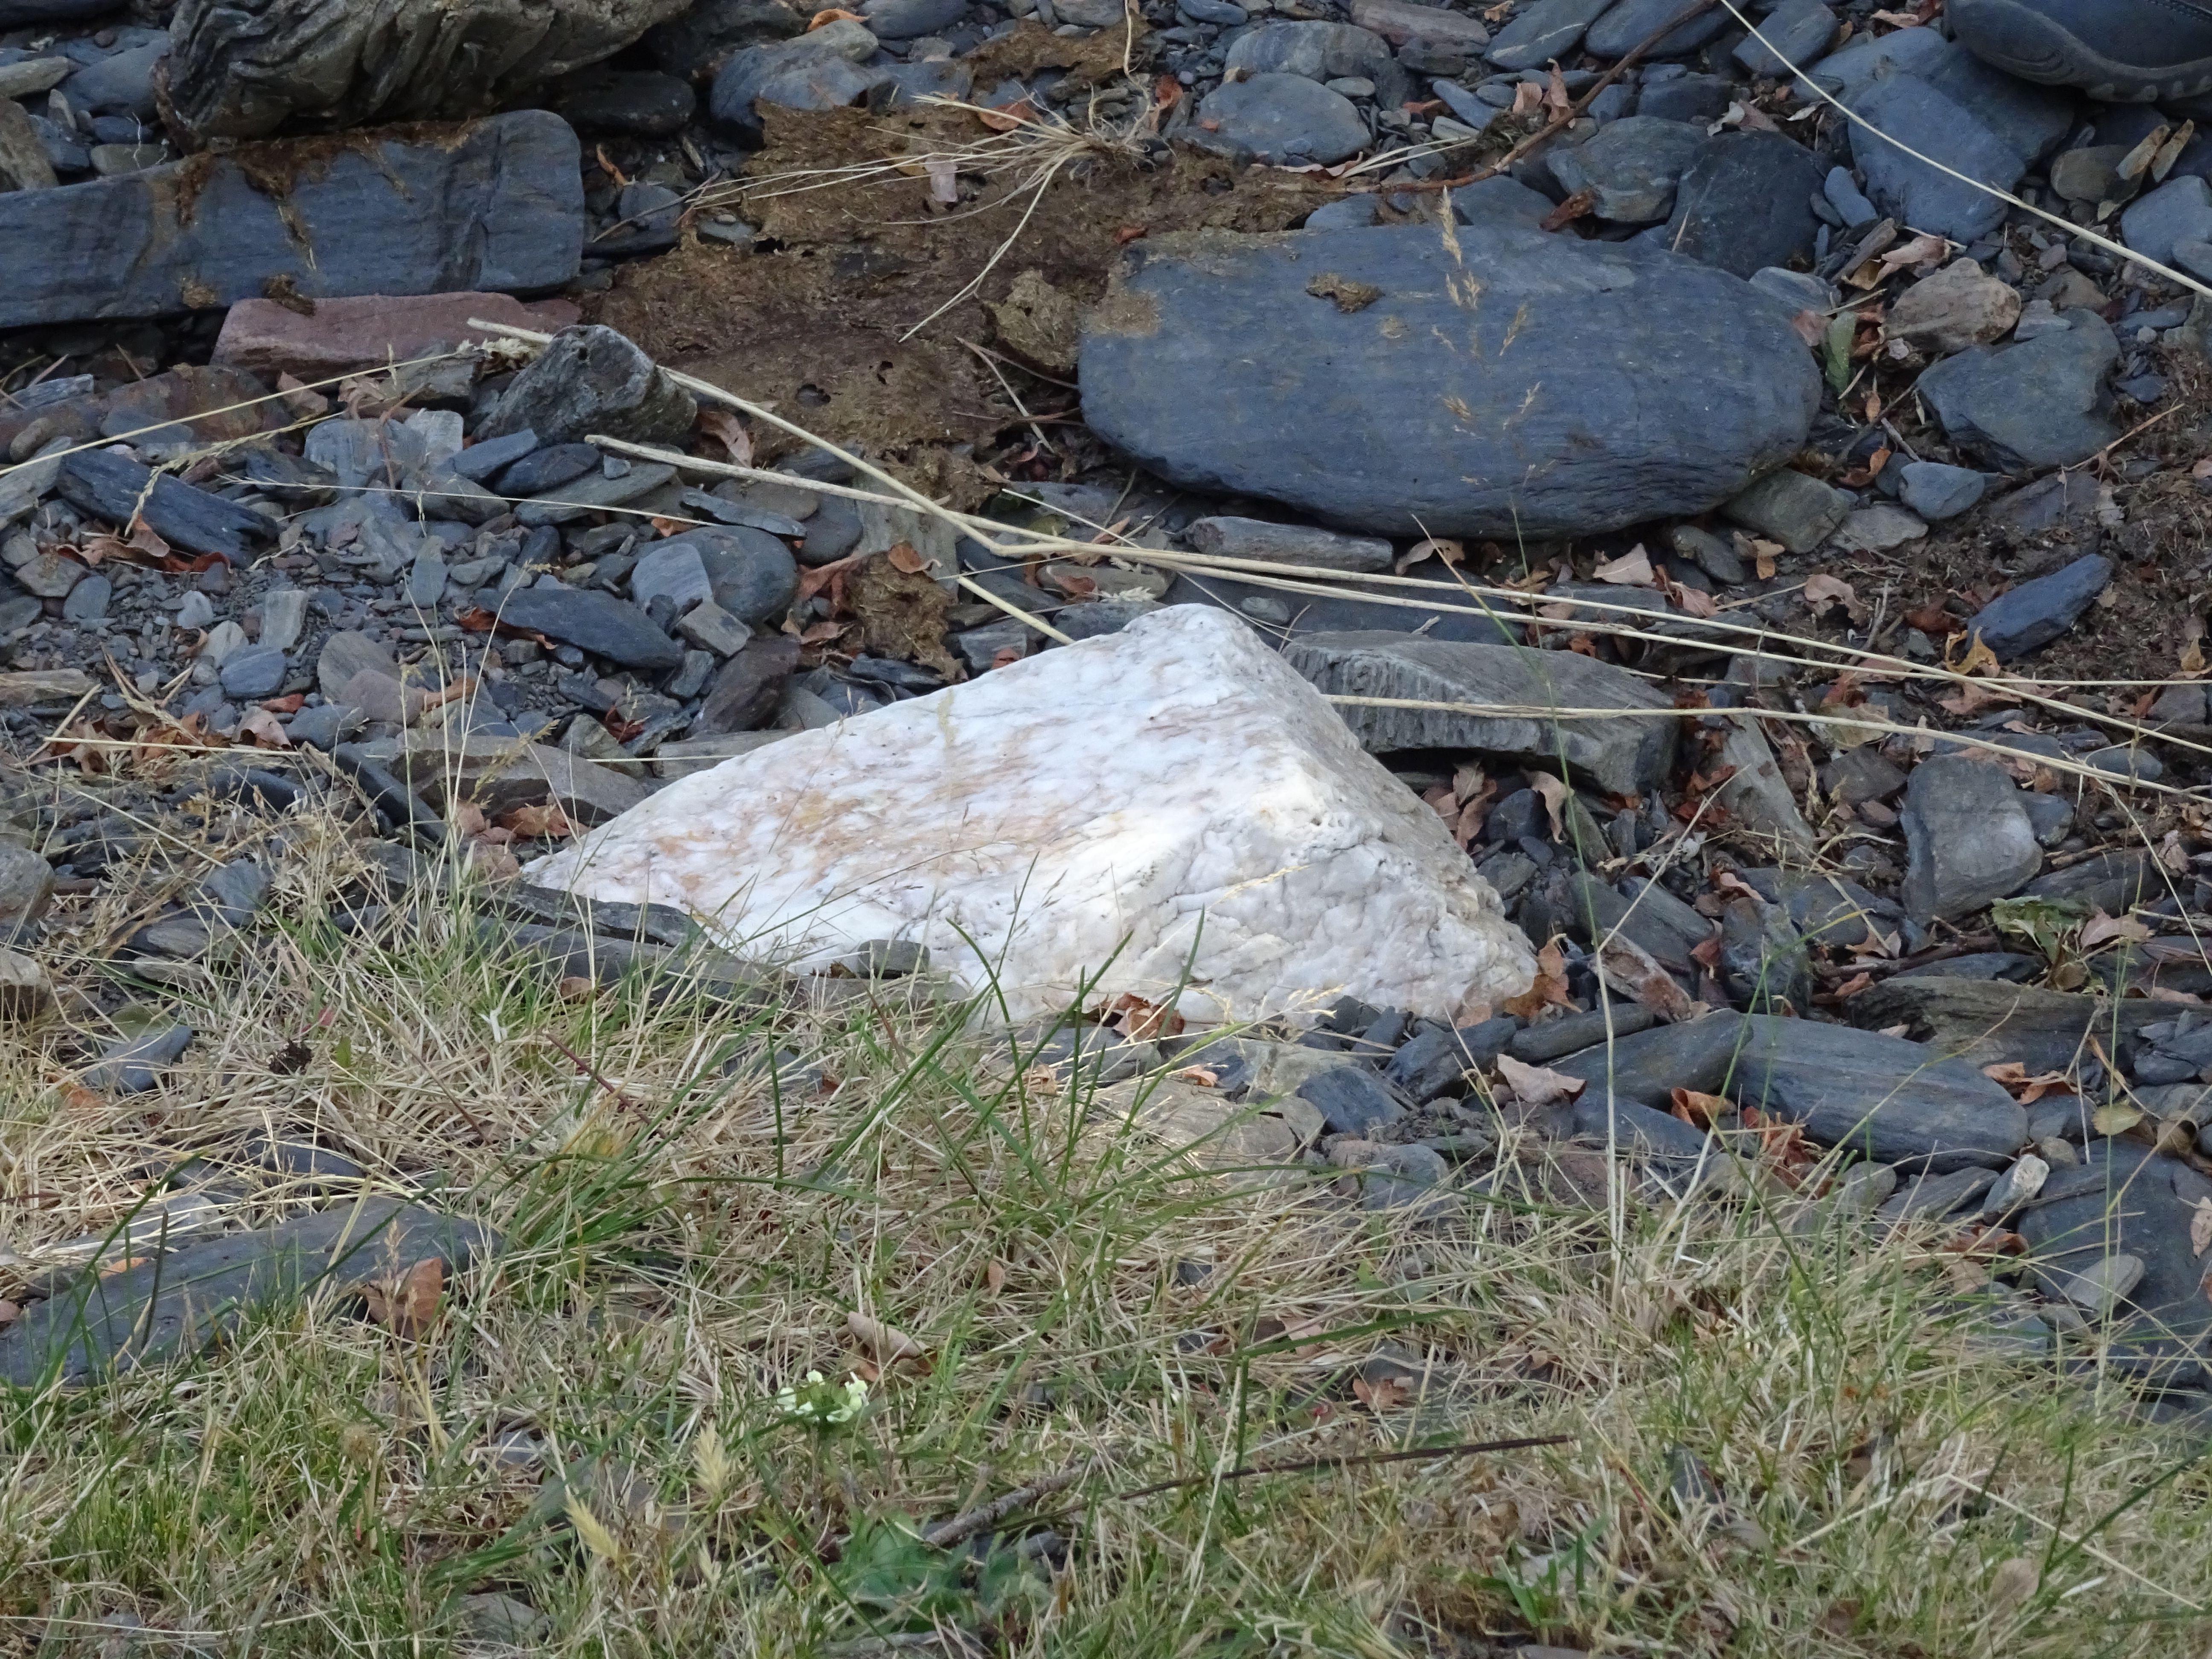 Vemos en primer plano una piedra cuarcita, blanca, que destaca entre las pizarras oscuras, grises. Las pizarras están redondeadas por la erosión producida por el río.